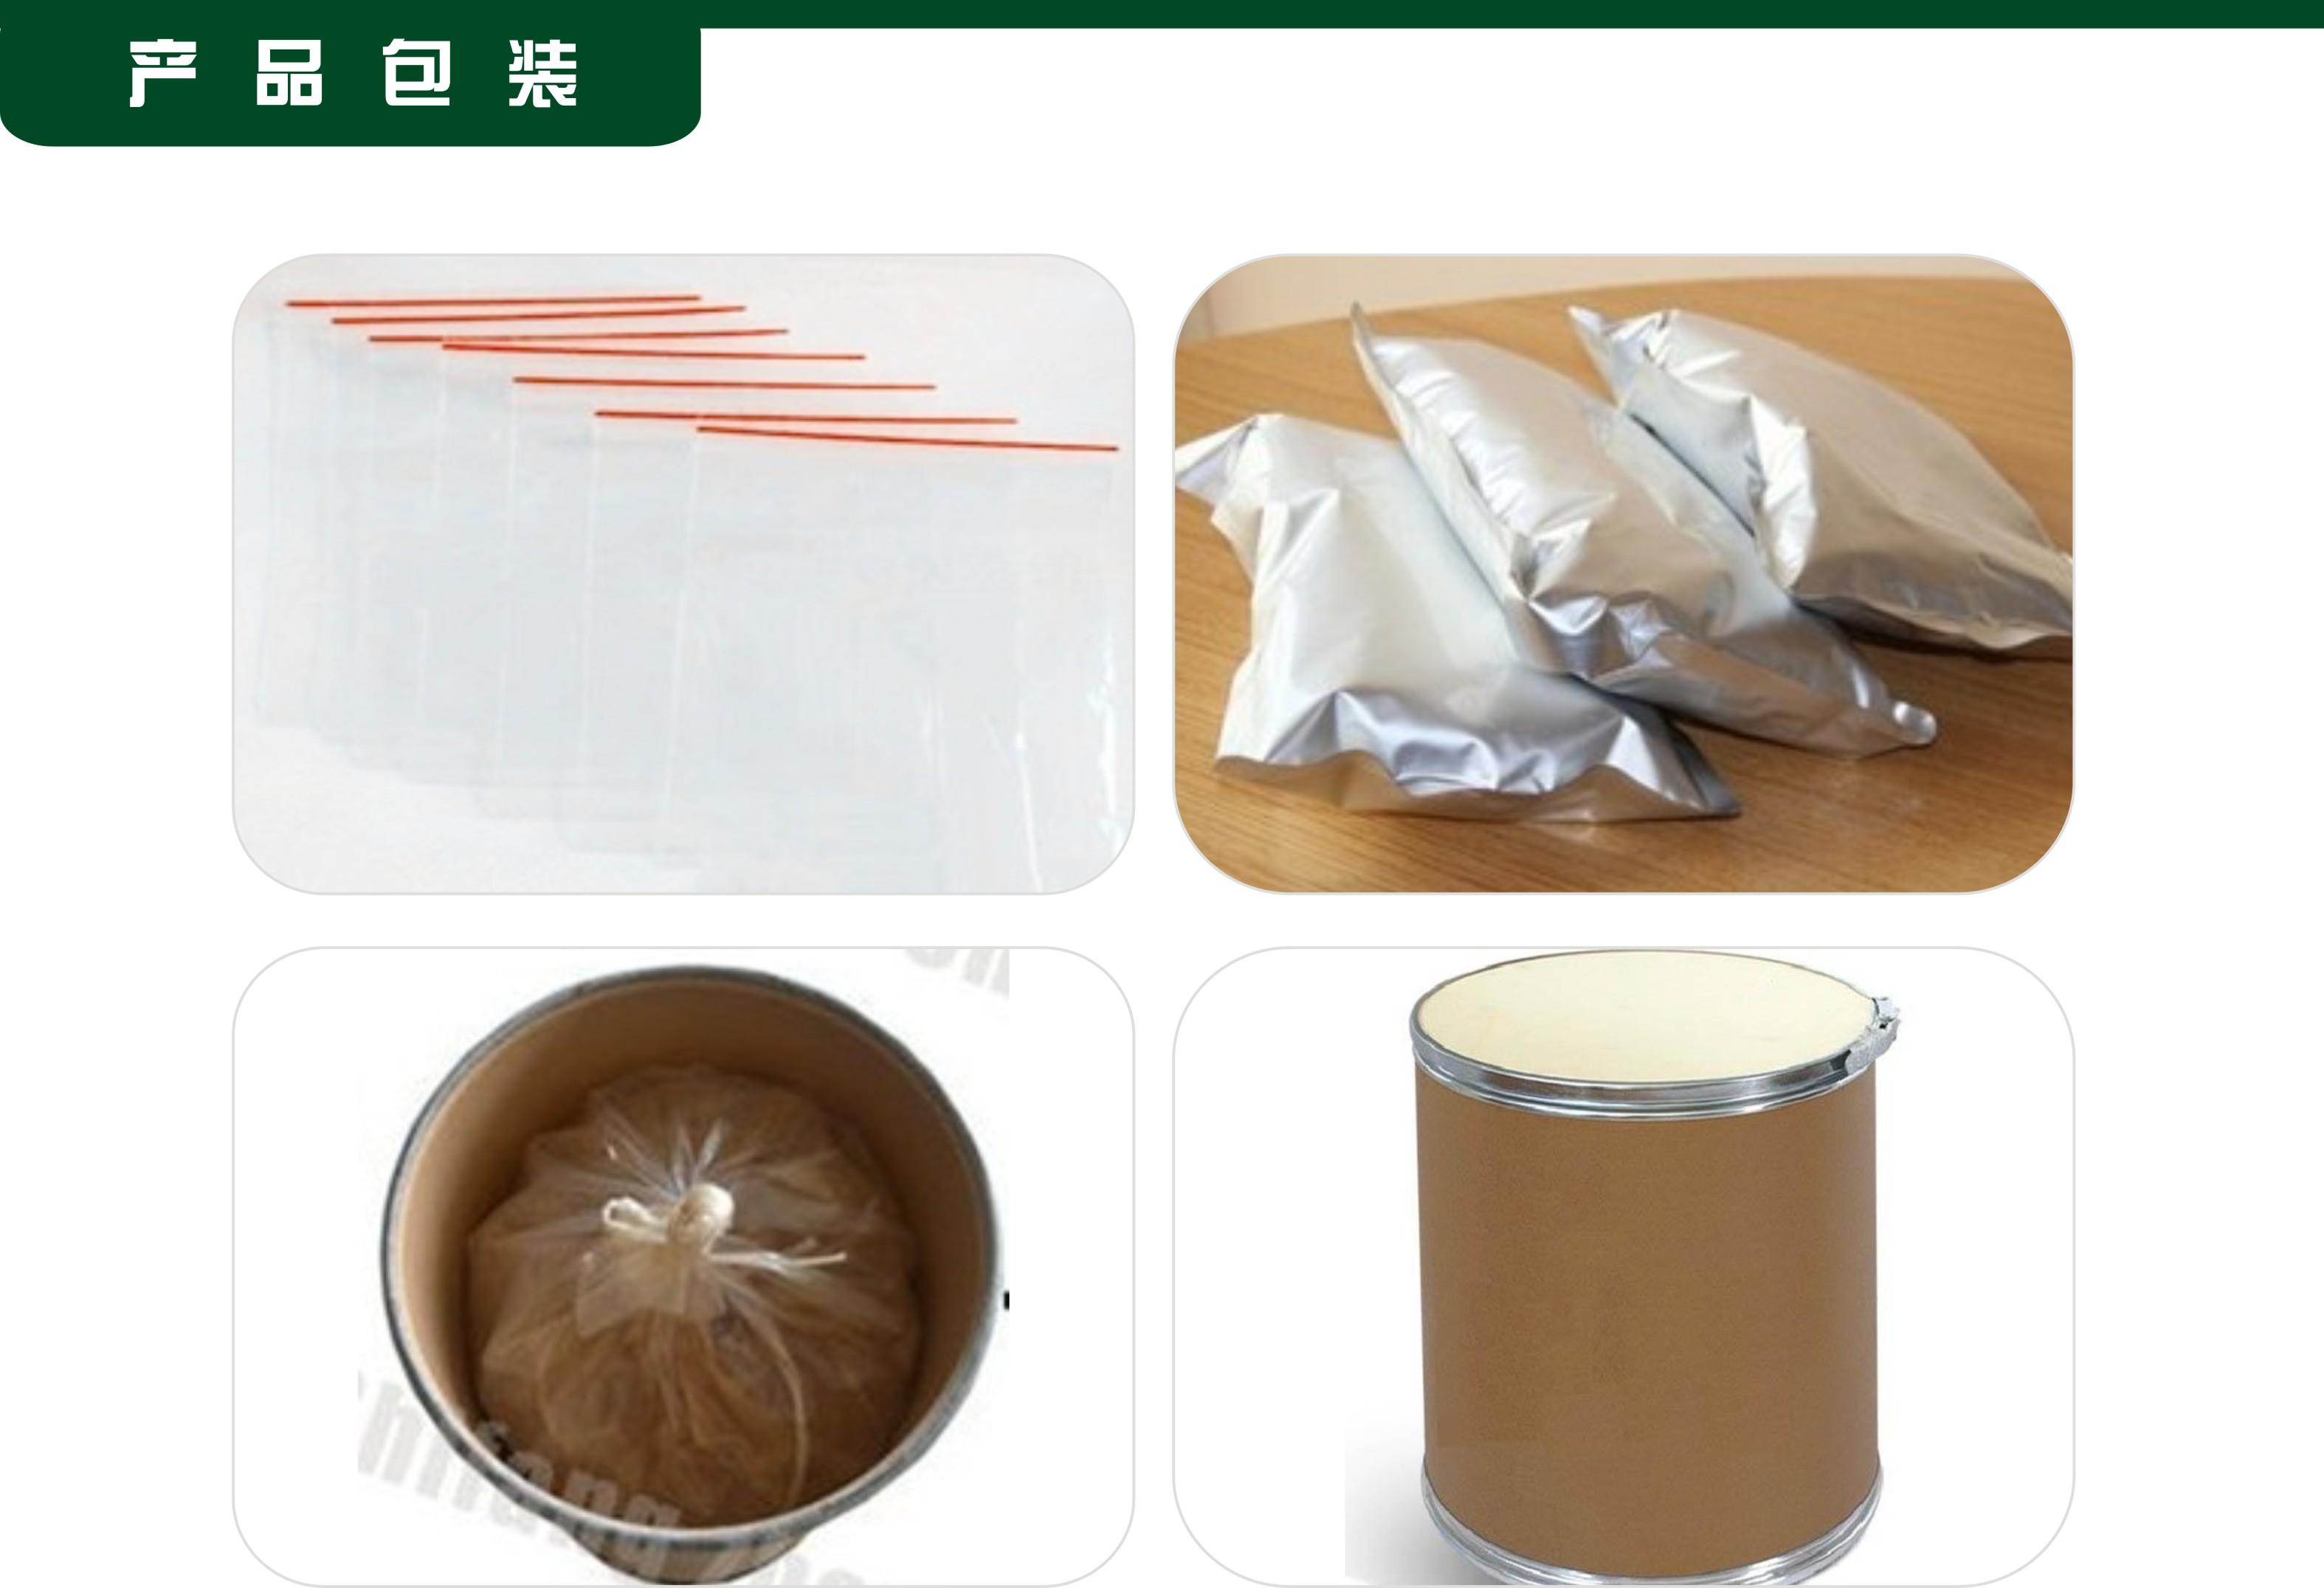 鋸葉棕提取物  脂肪酸  純植物提取示例圖6